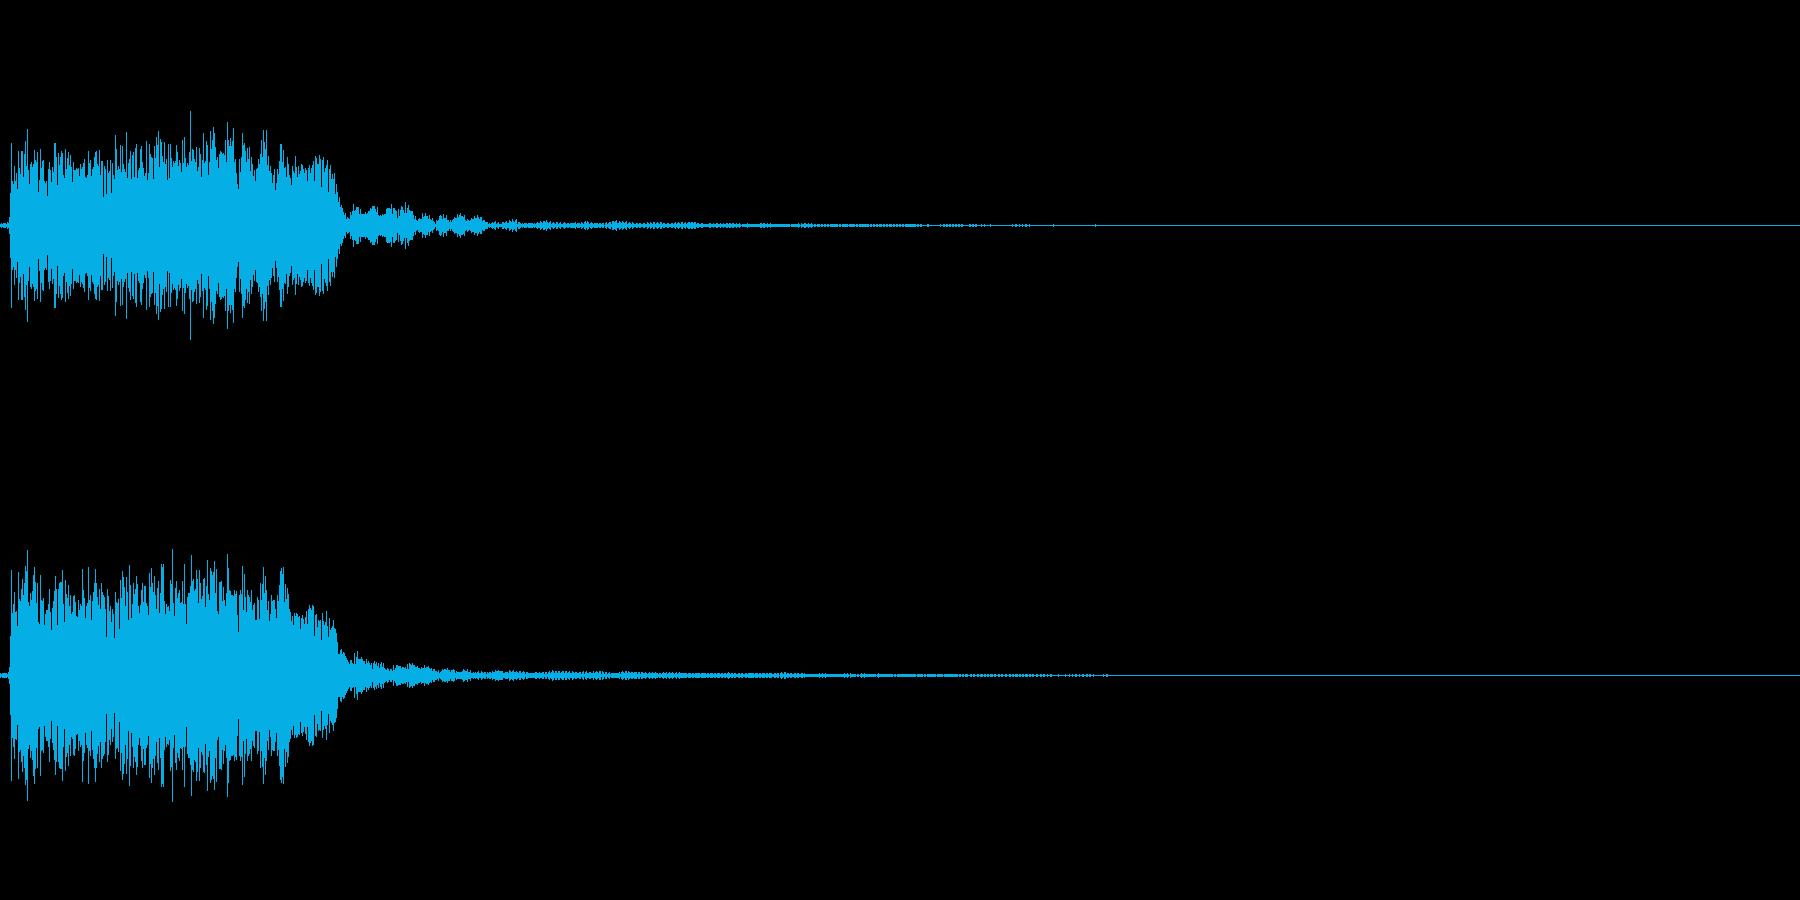 【システム音セット01-ポップダウン】の再生済みの波形